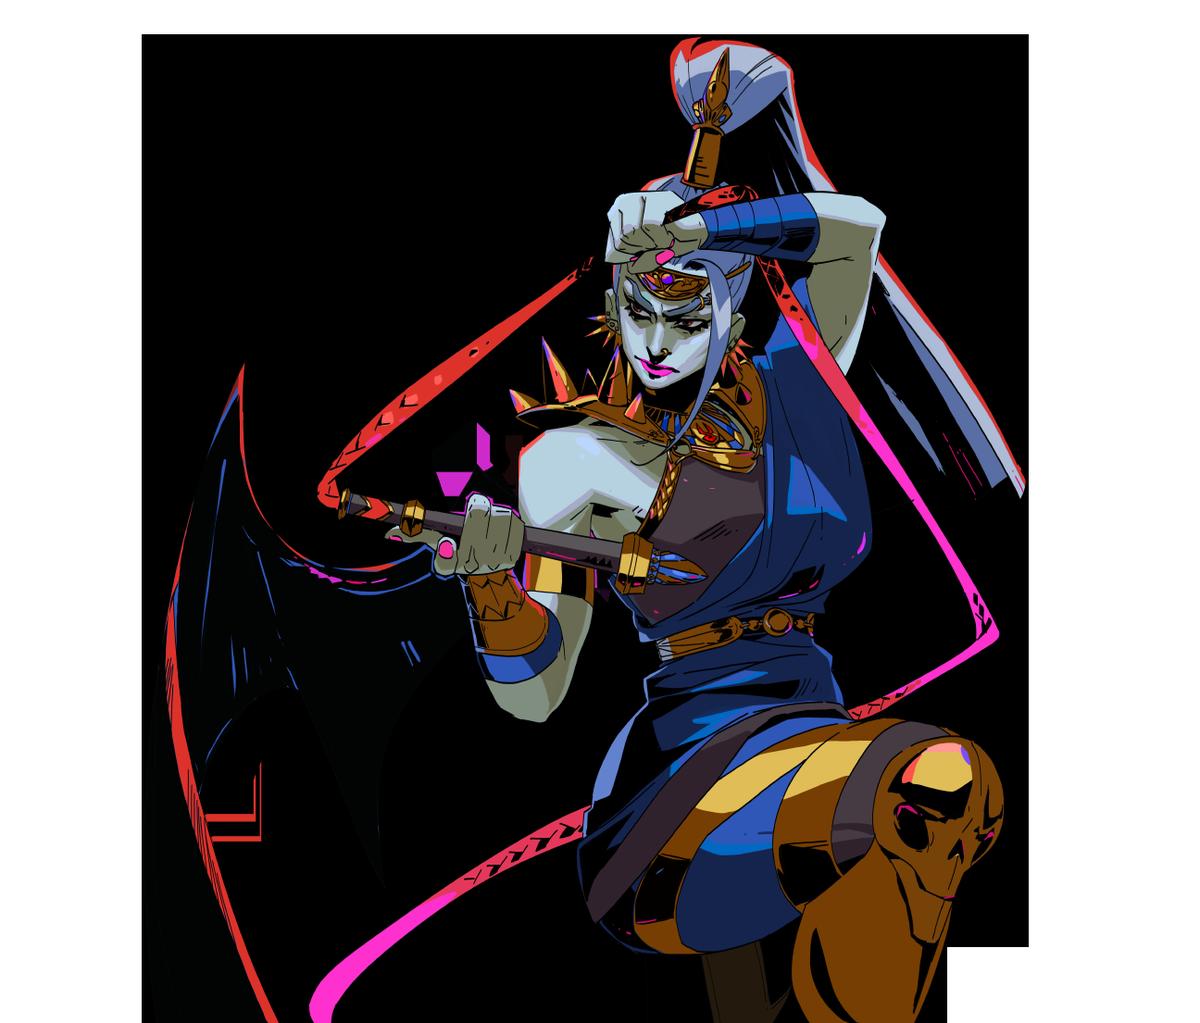 Megaera #SupergiantGames #Hades | Mythology and Folklore in